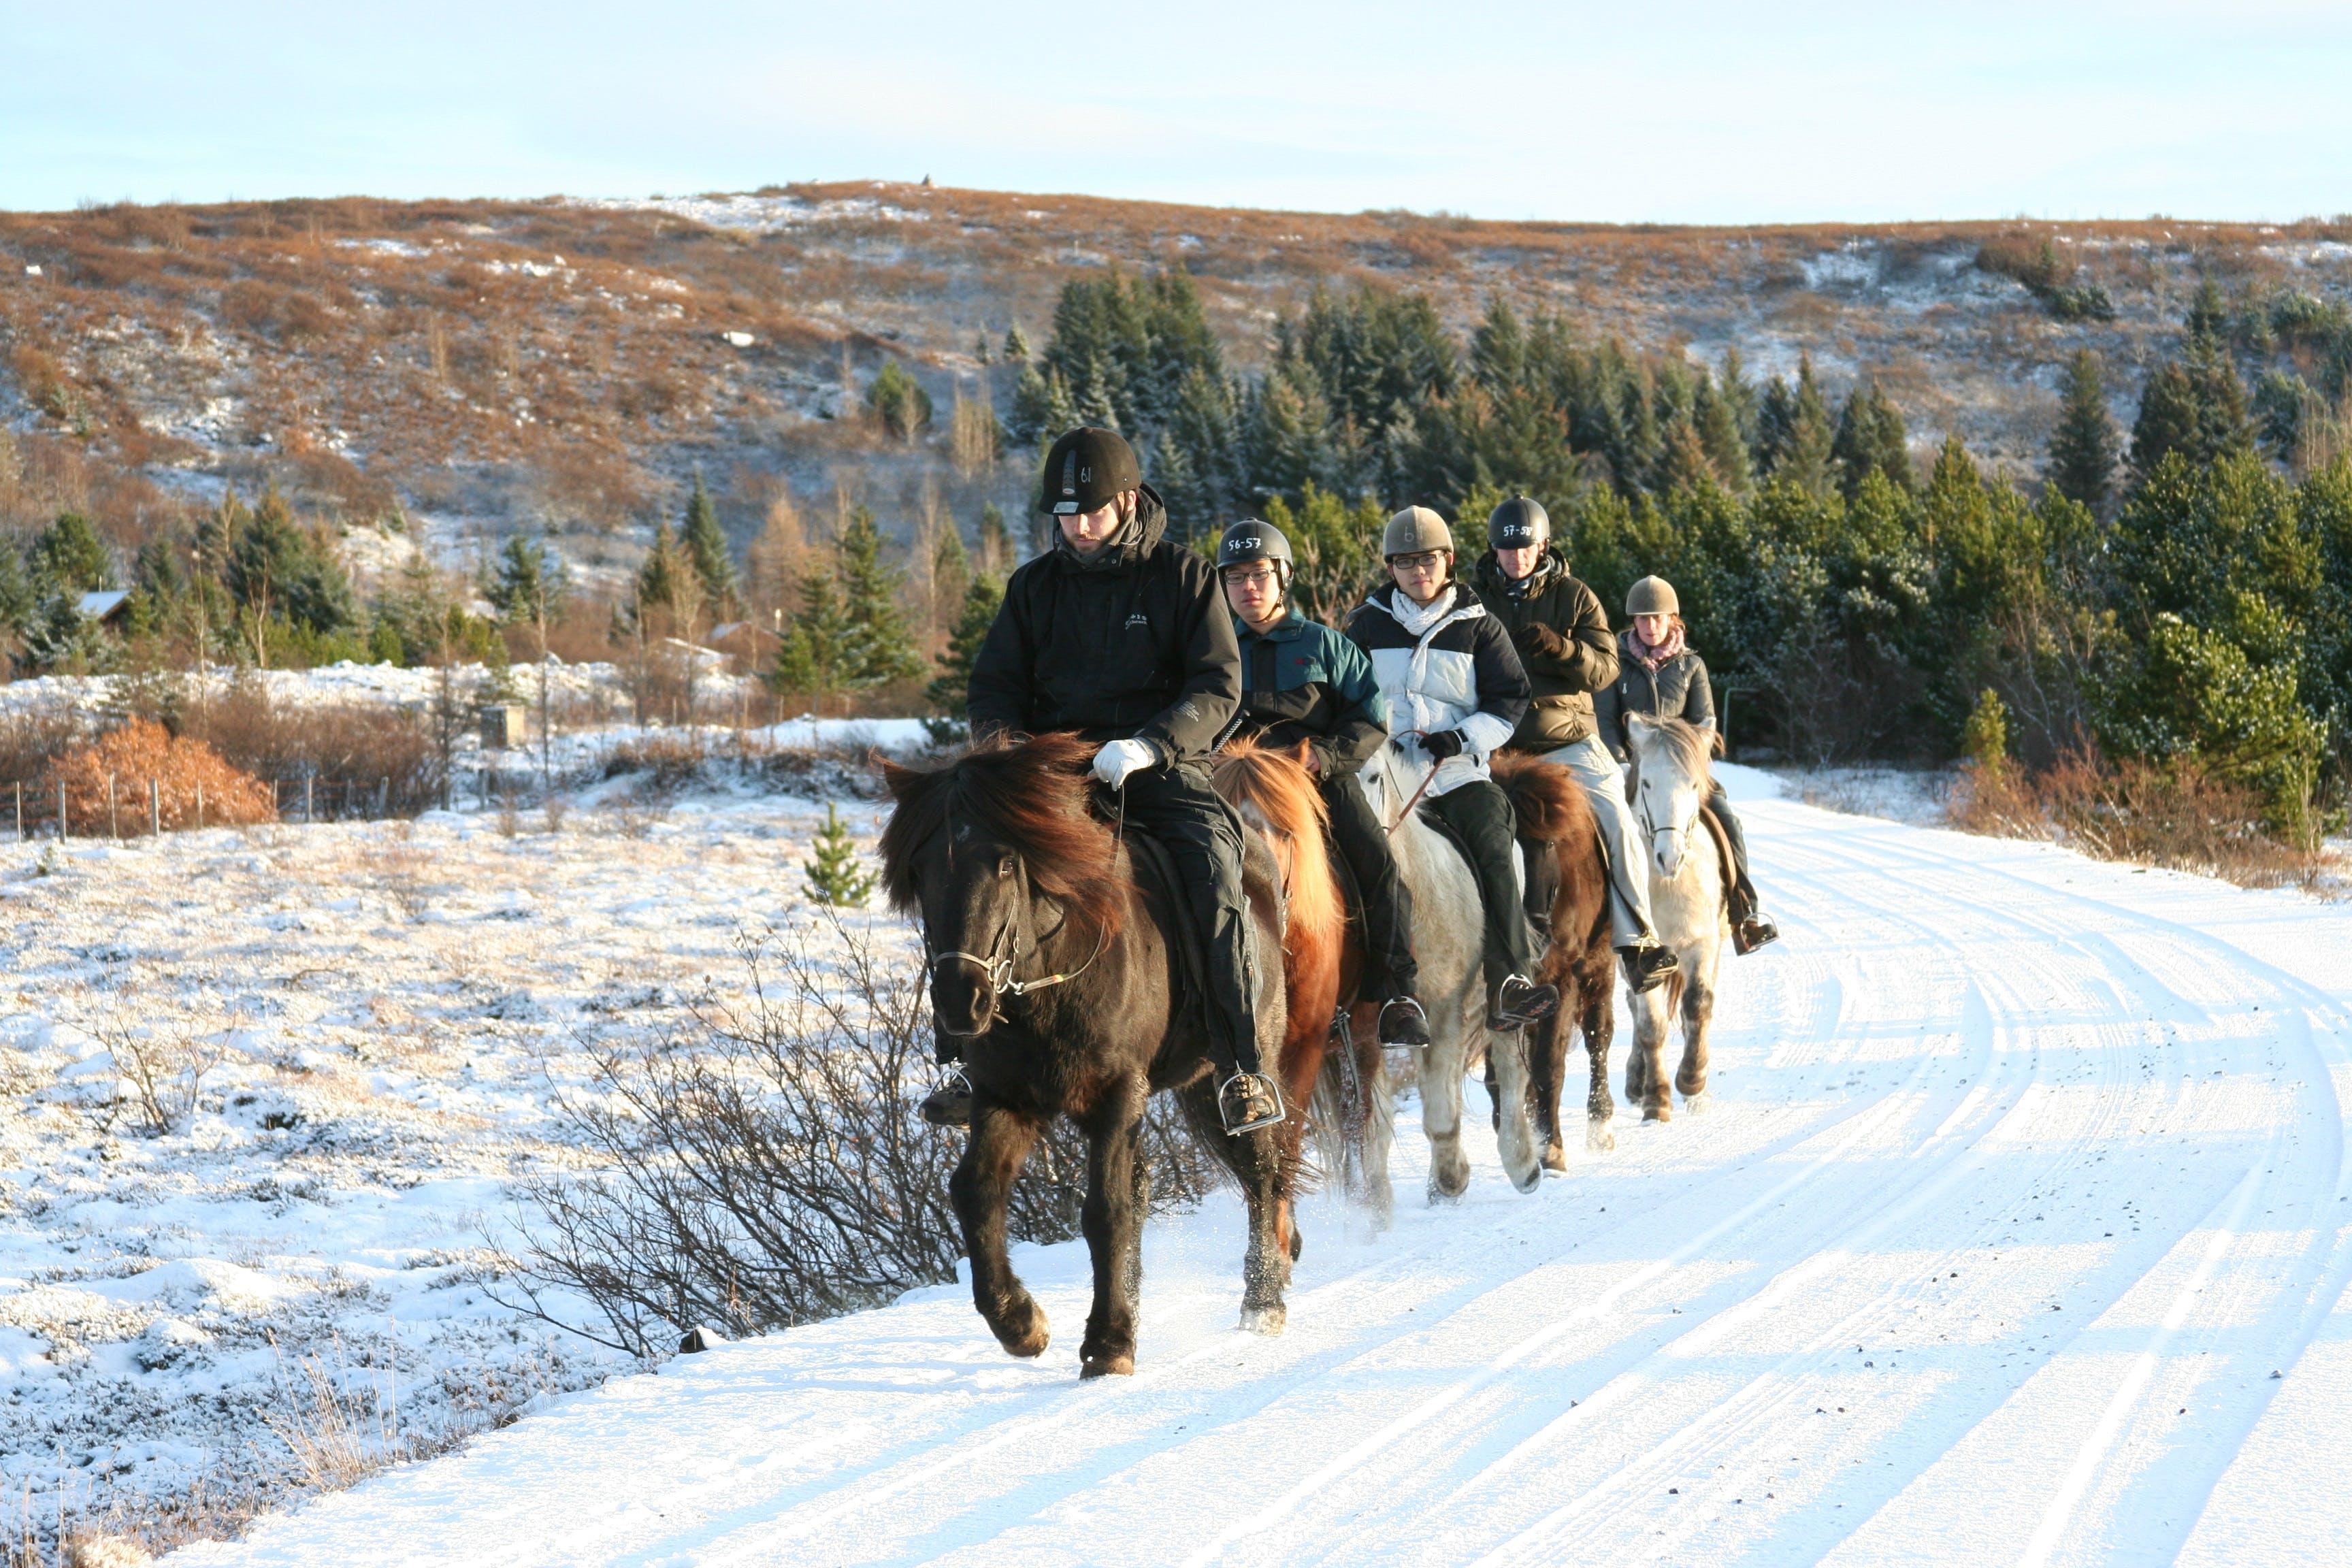 Viking Horseback Tour | Helgafell or Heidmork